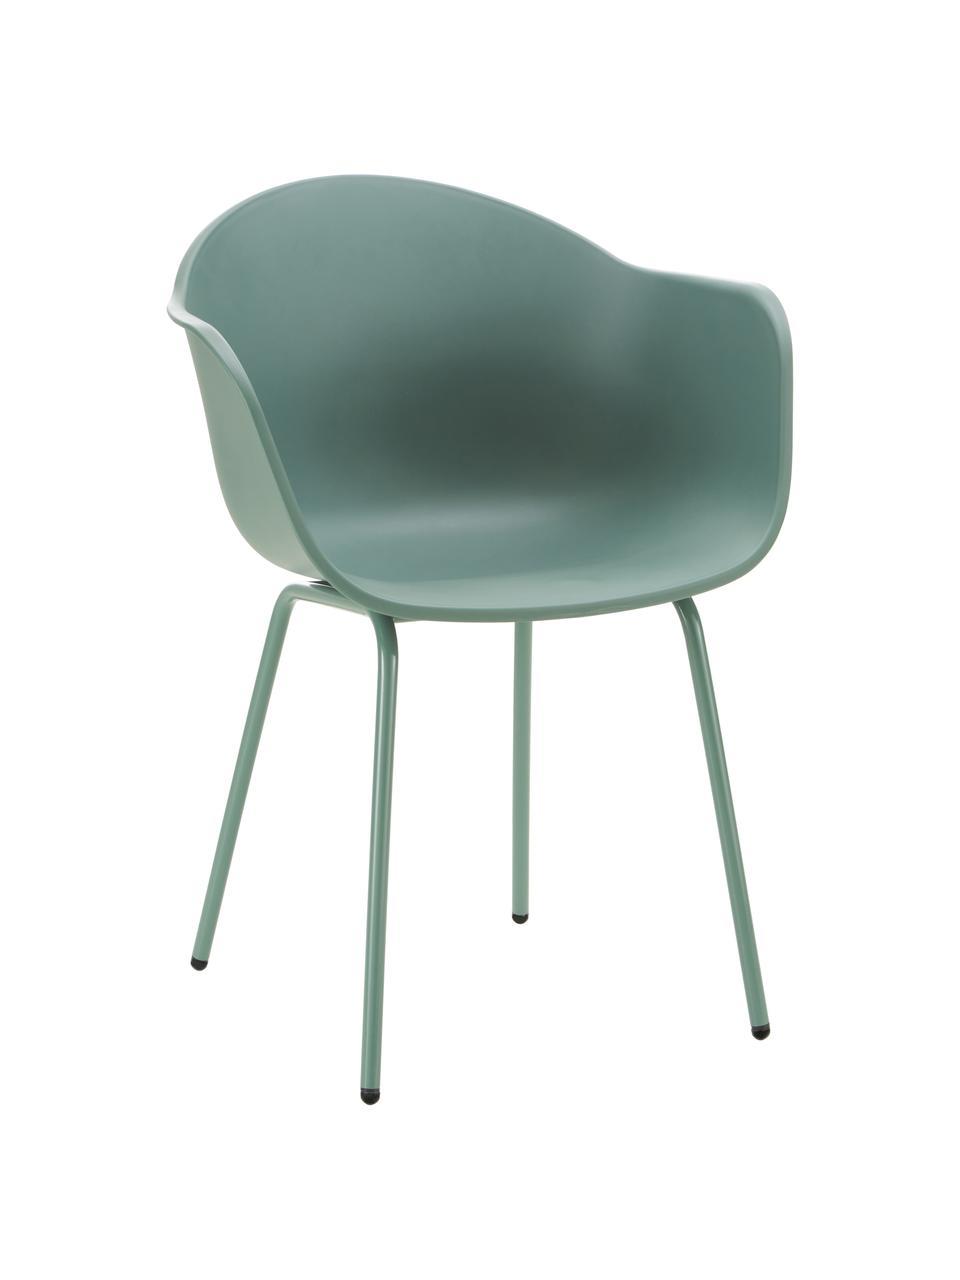 Gartenstuhl Claire in Grün, Sitzschale: 65% Kunststoff, 35% Fiber, Beine: Metall, pulverbeschichtet, Grün, B 60 x T 54 cm